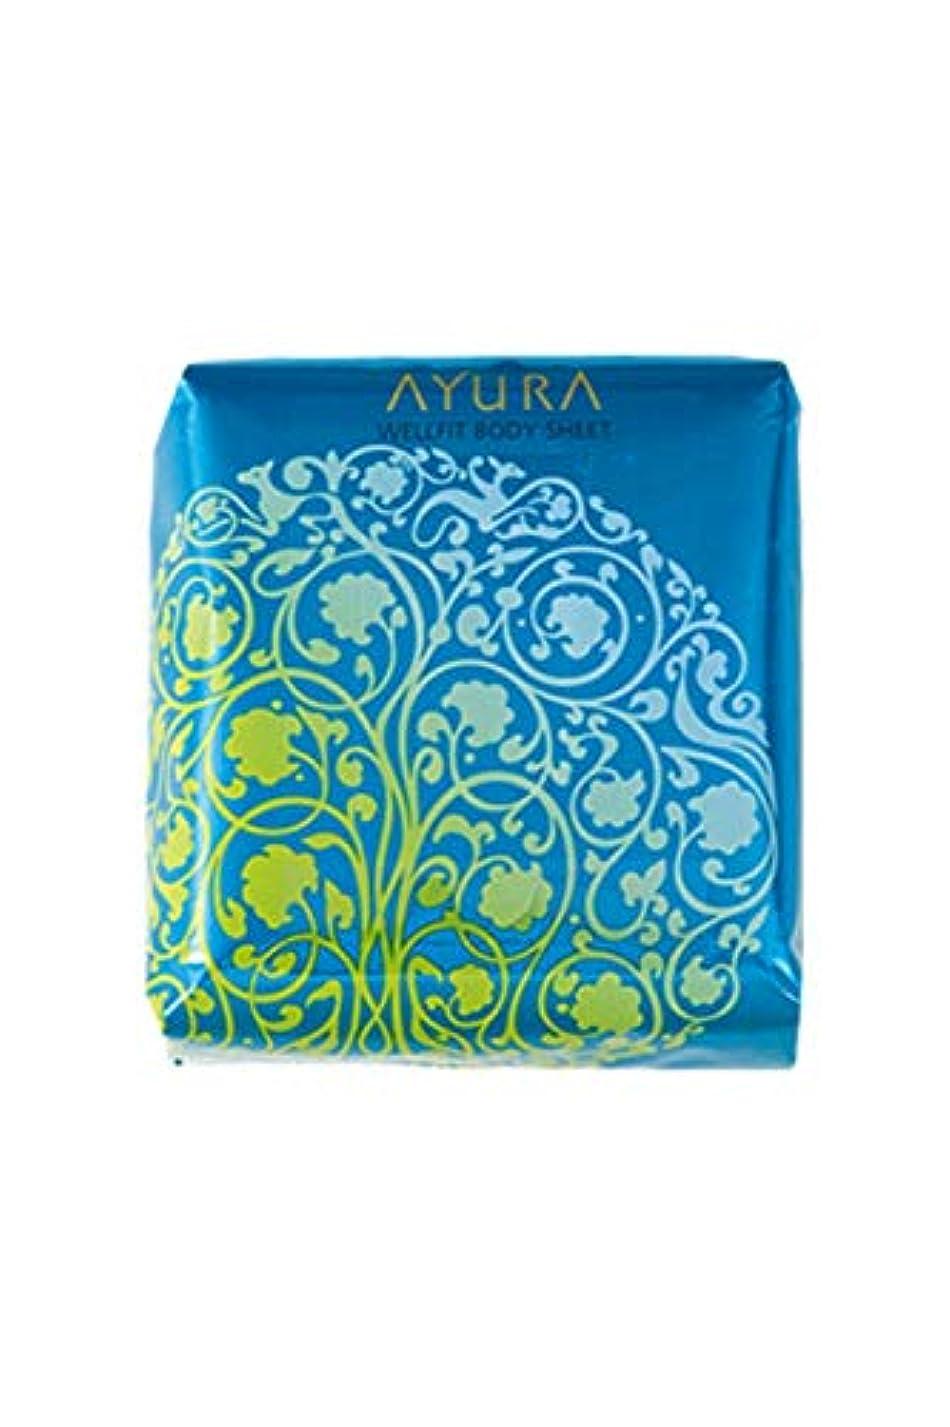 公平置き場経済的アユーラ (AYURA) ウェルフィット ボディーシート(L) 30枚入 〈ボディー用 シート〉 心地よい森林の香気